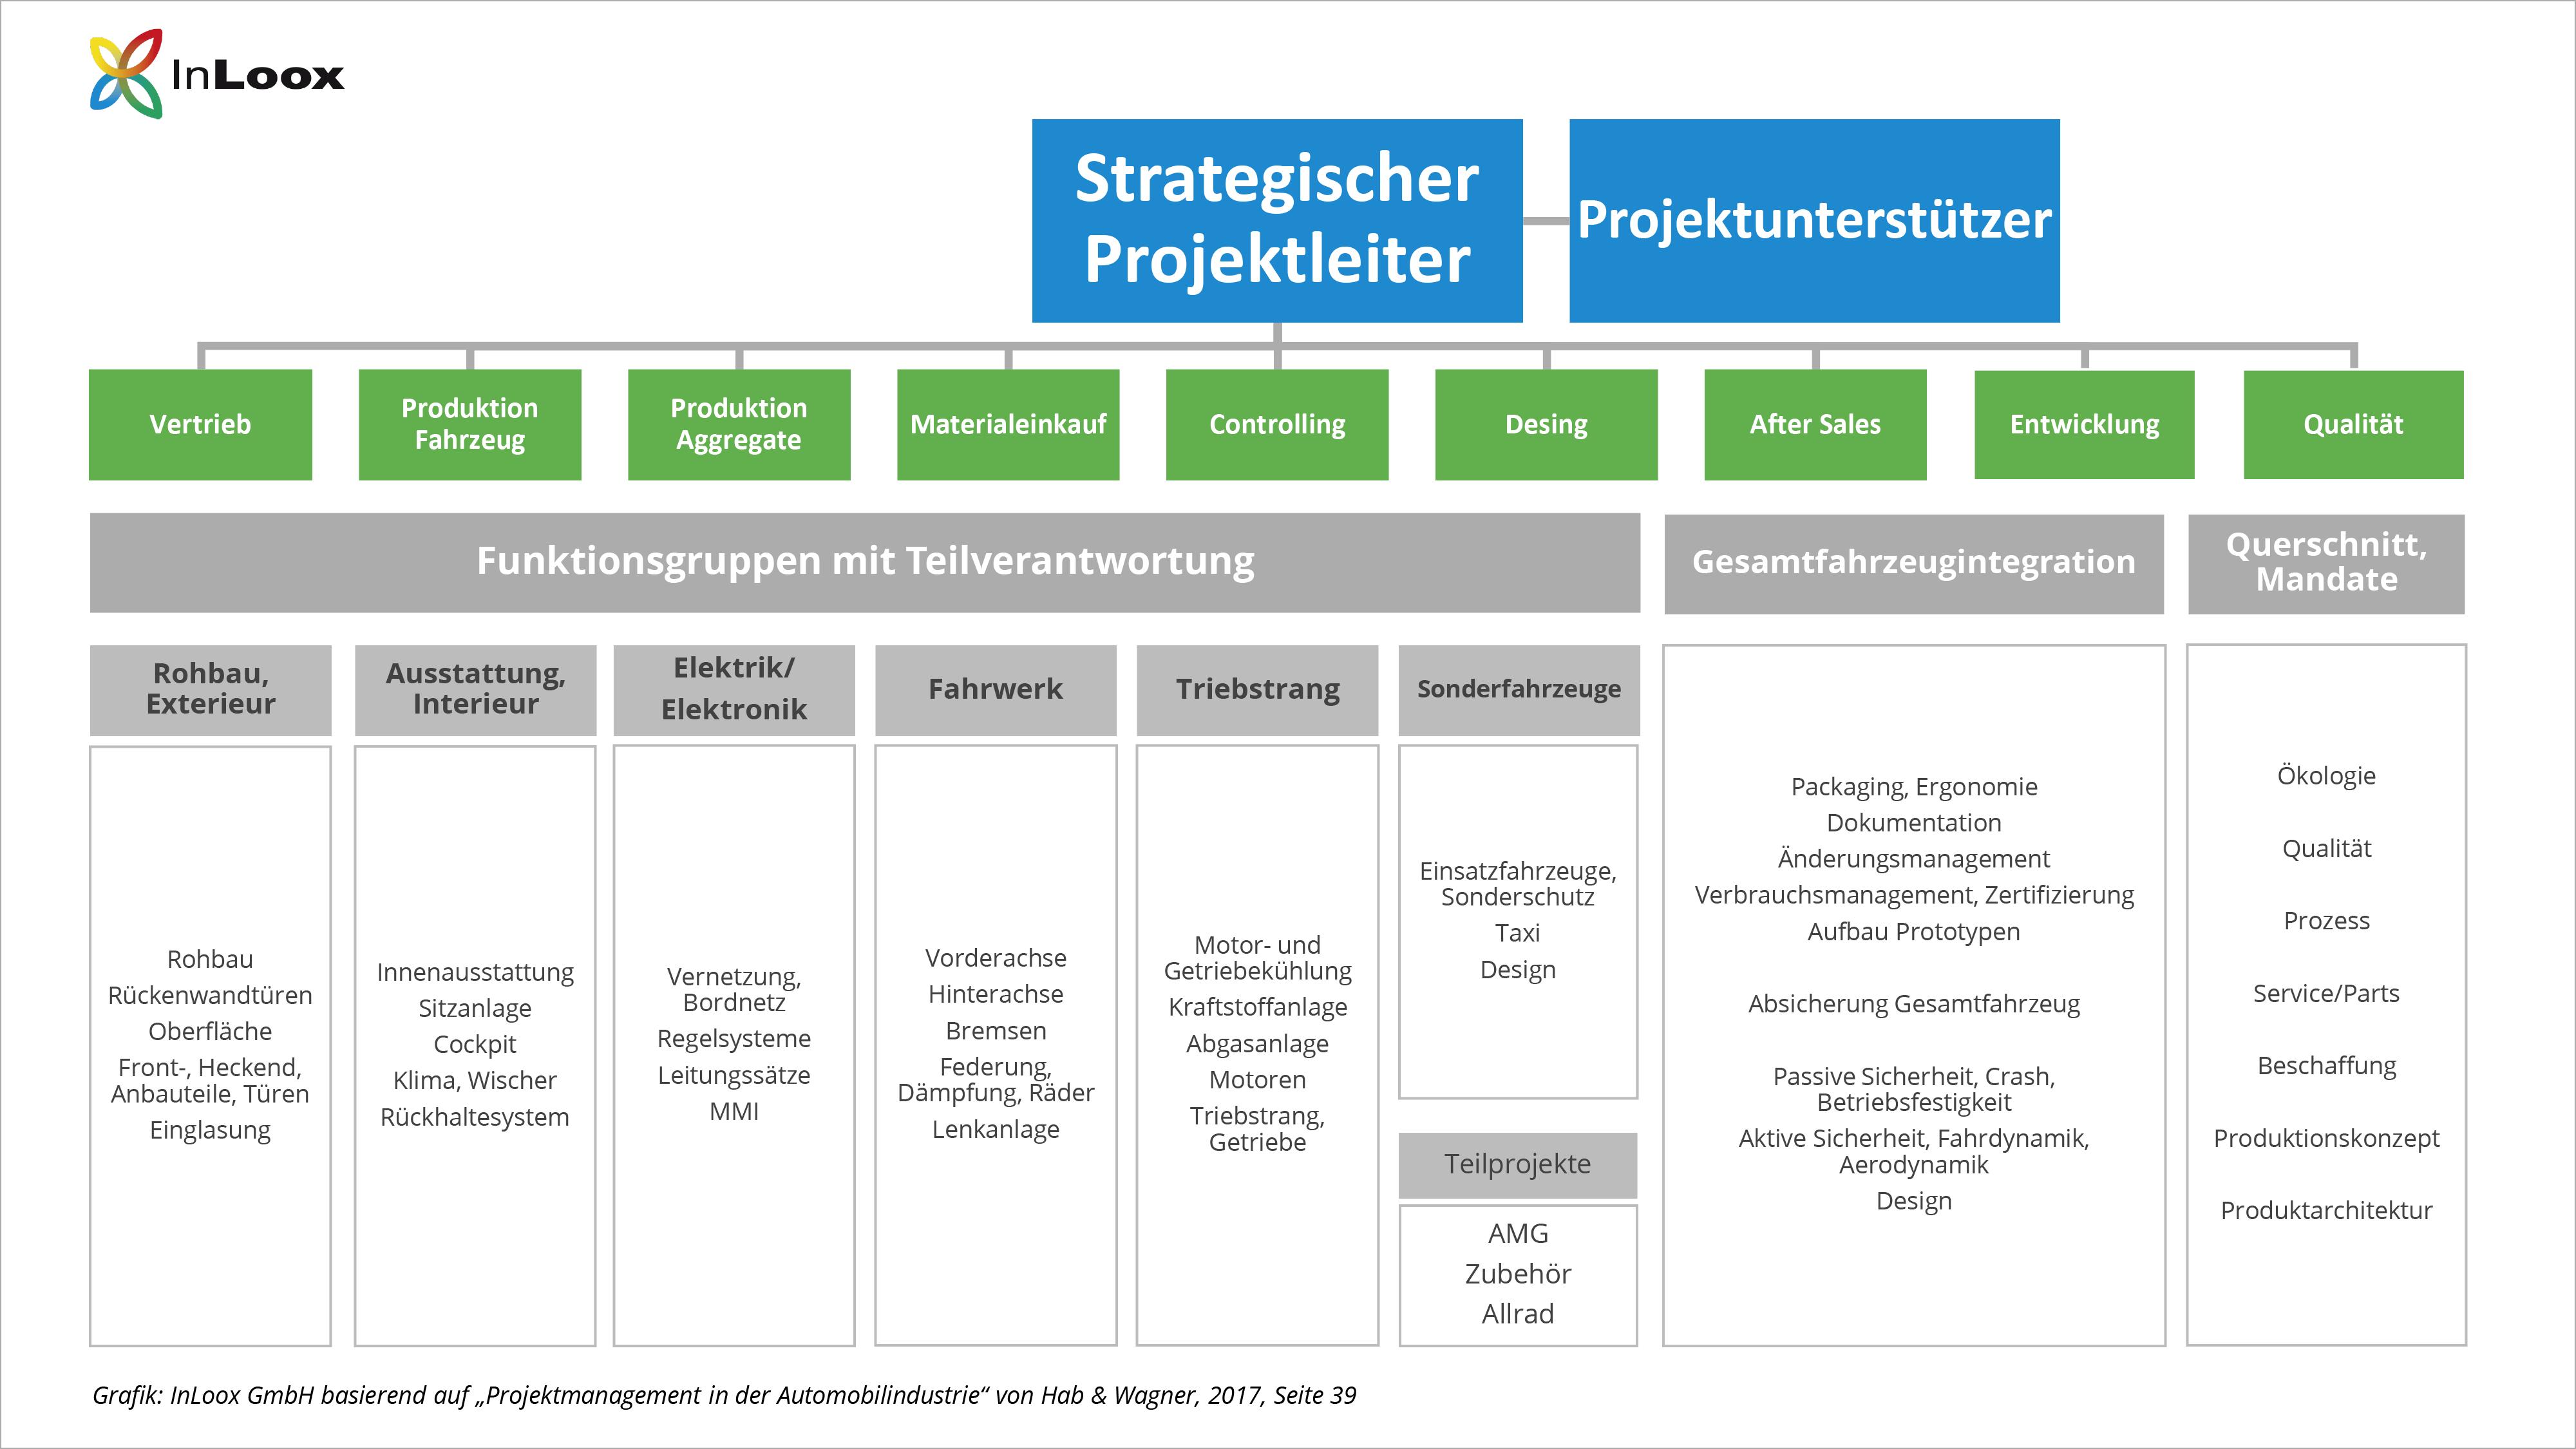 Projektmanagement in der Automobilindustrie: Das Projektorganigramm